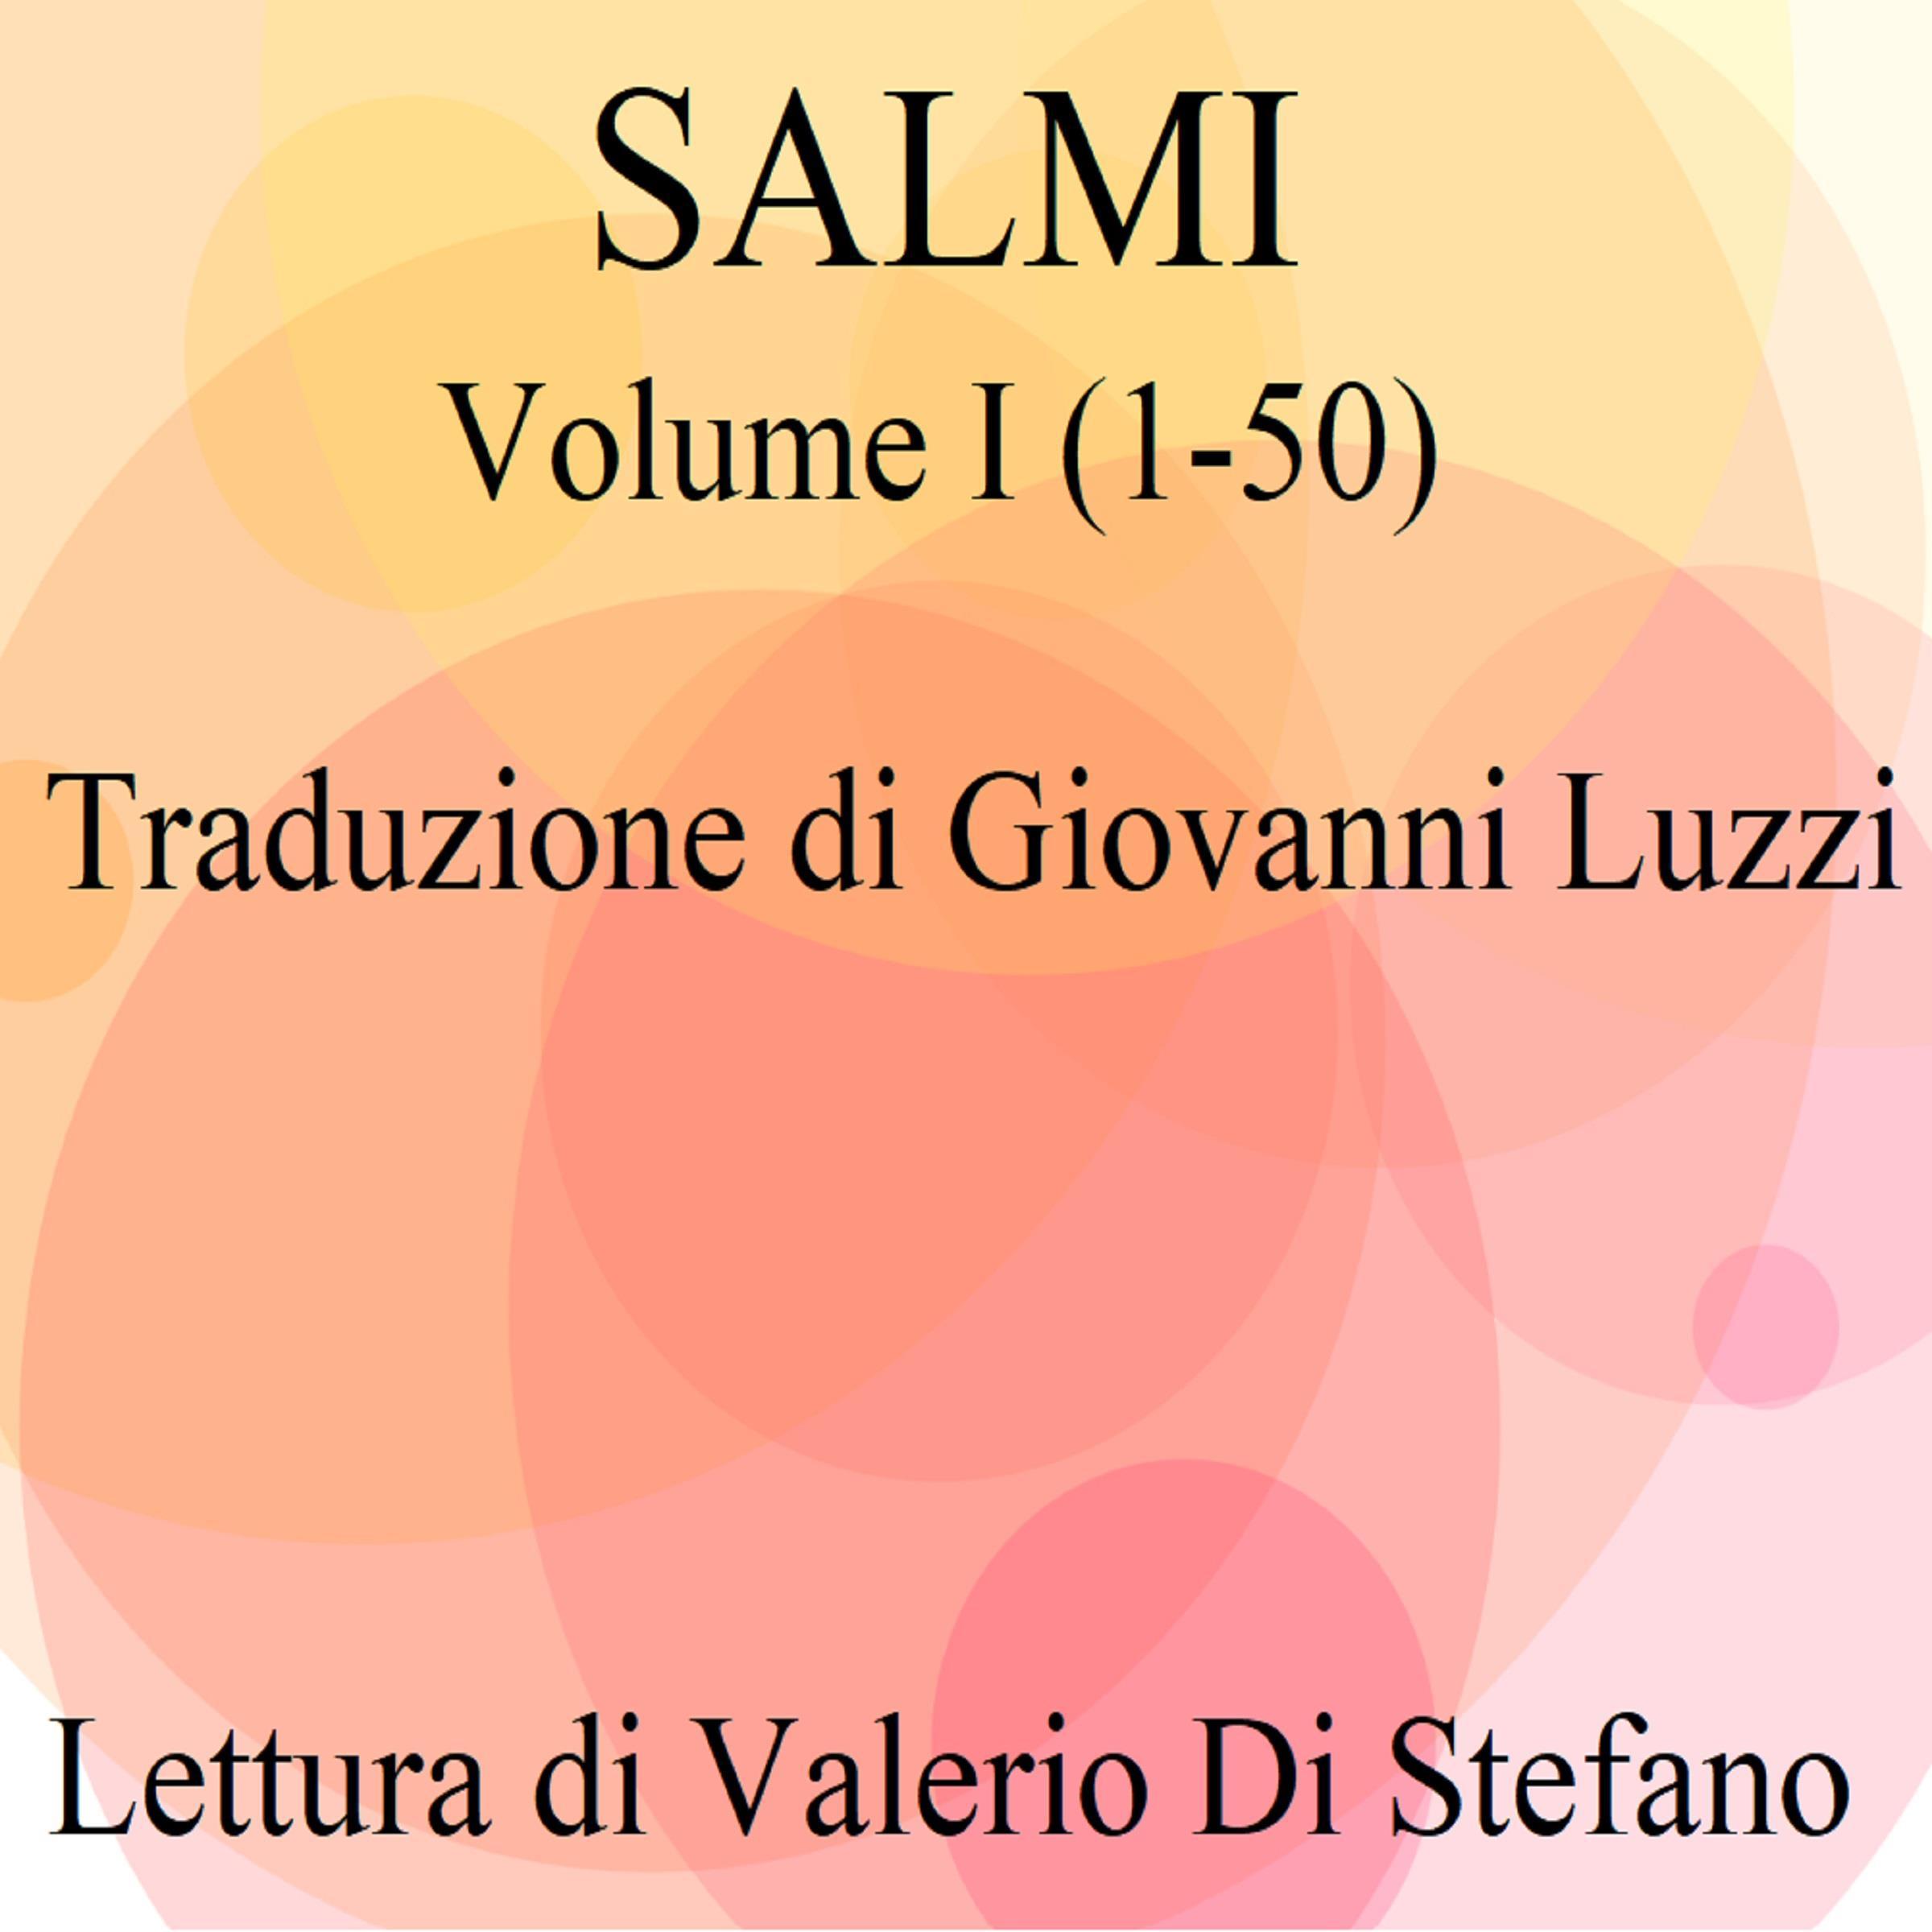 Salmi - Volume I - (1-50)